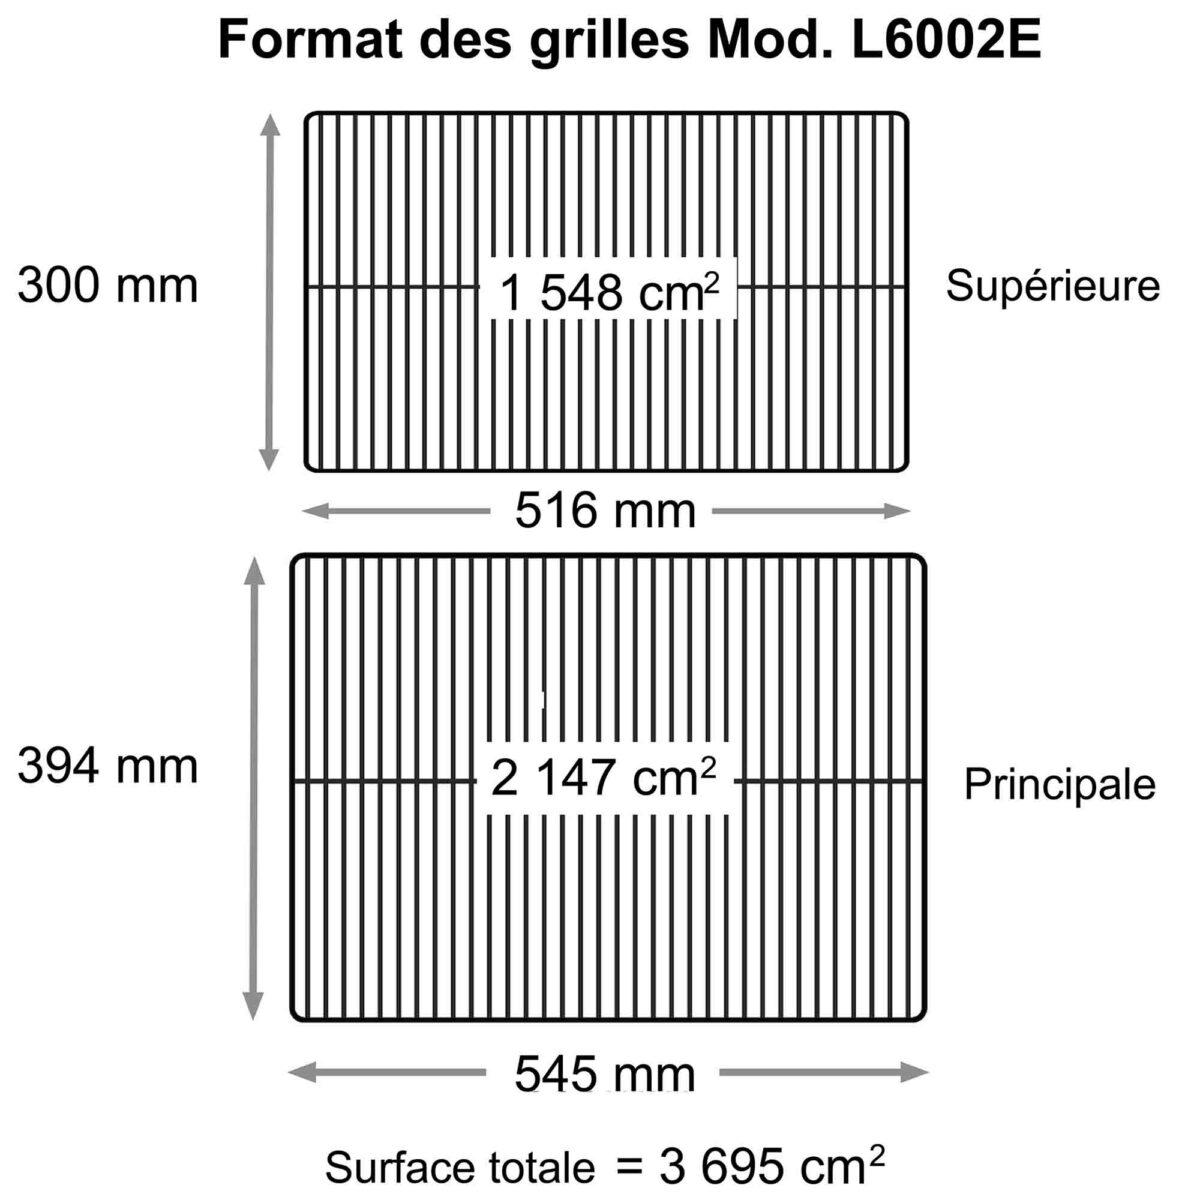 grille bbq pellet zgrills 6002